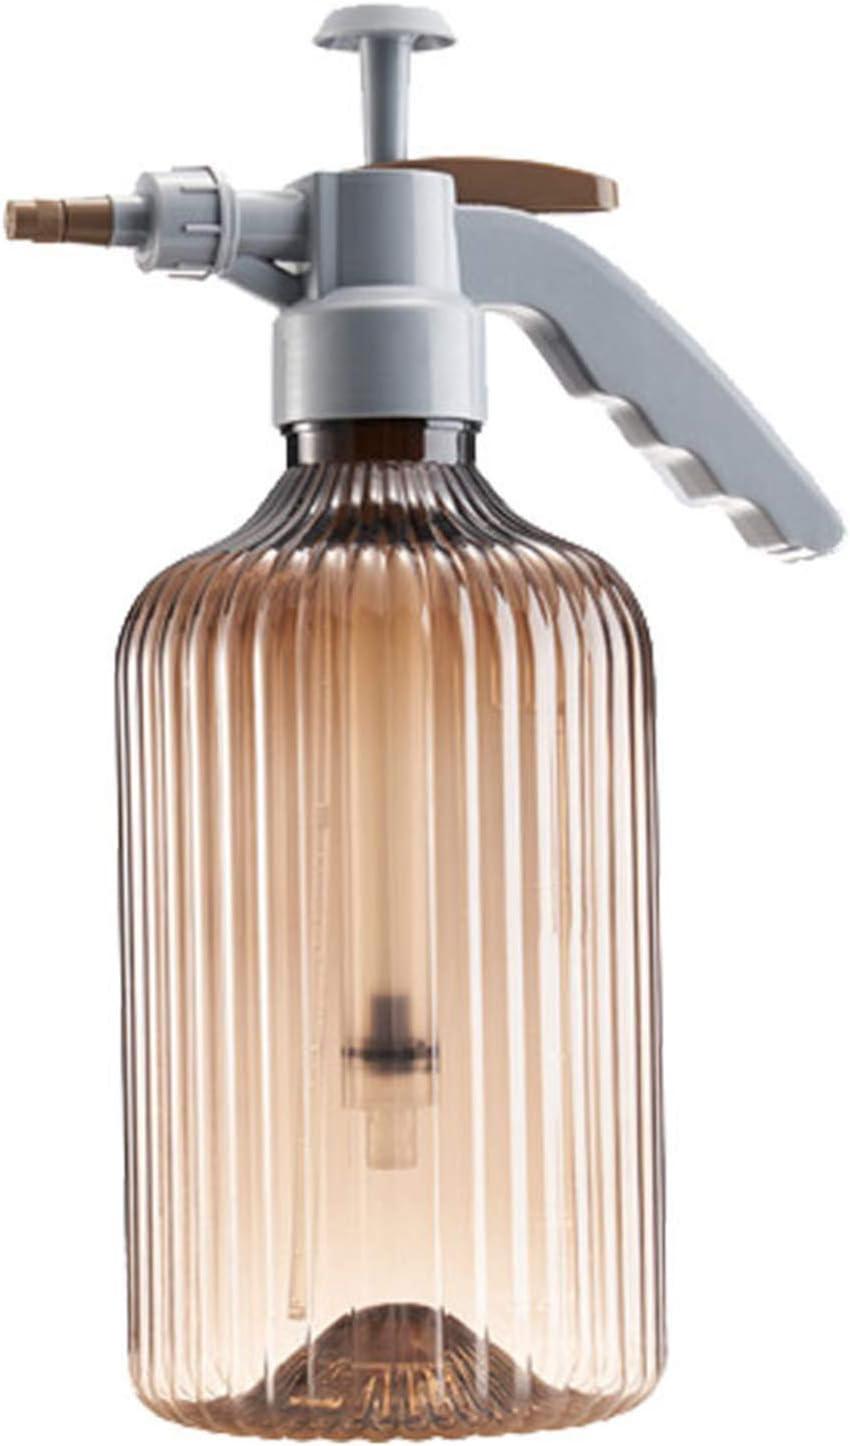 Botella De Spray Presurizada Multiusos De 68 Oz con Boquilla Ajustable De Espuma De Niebla Regadera Ajustable,Marrón